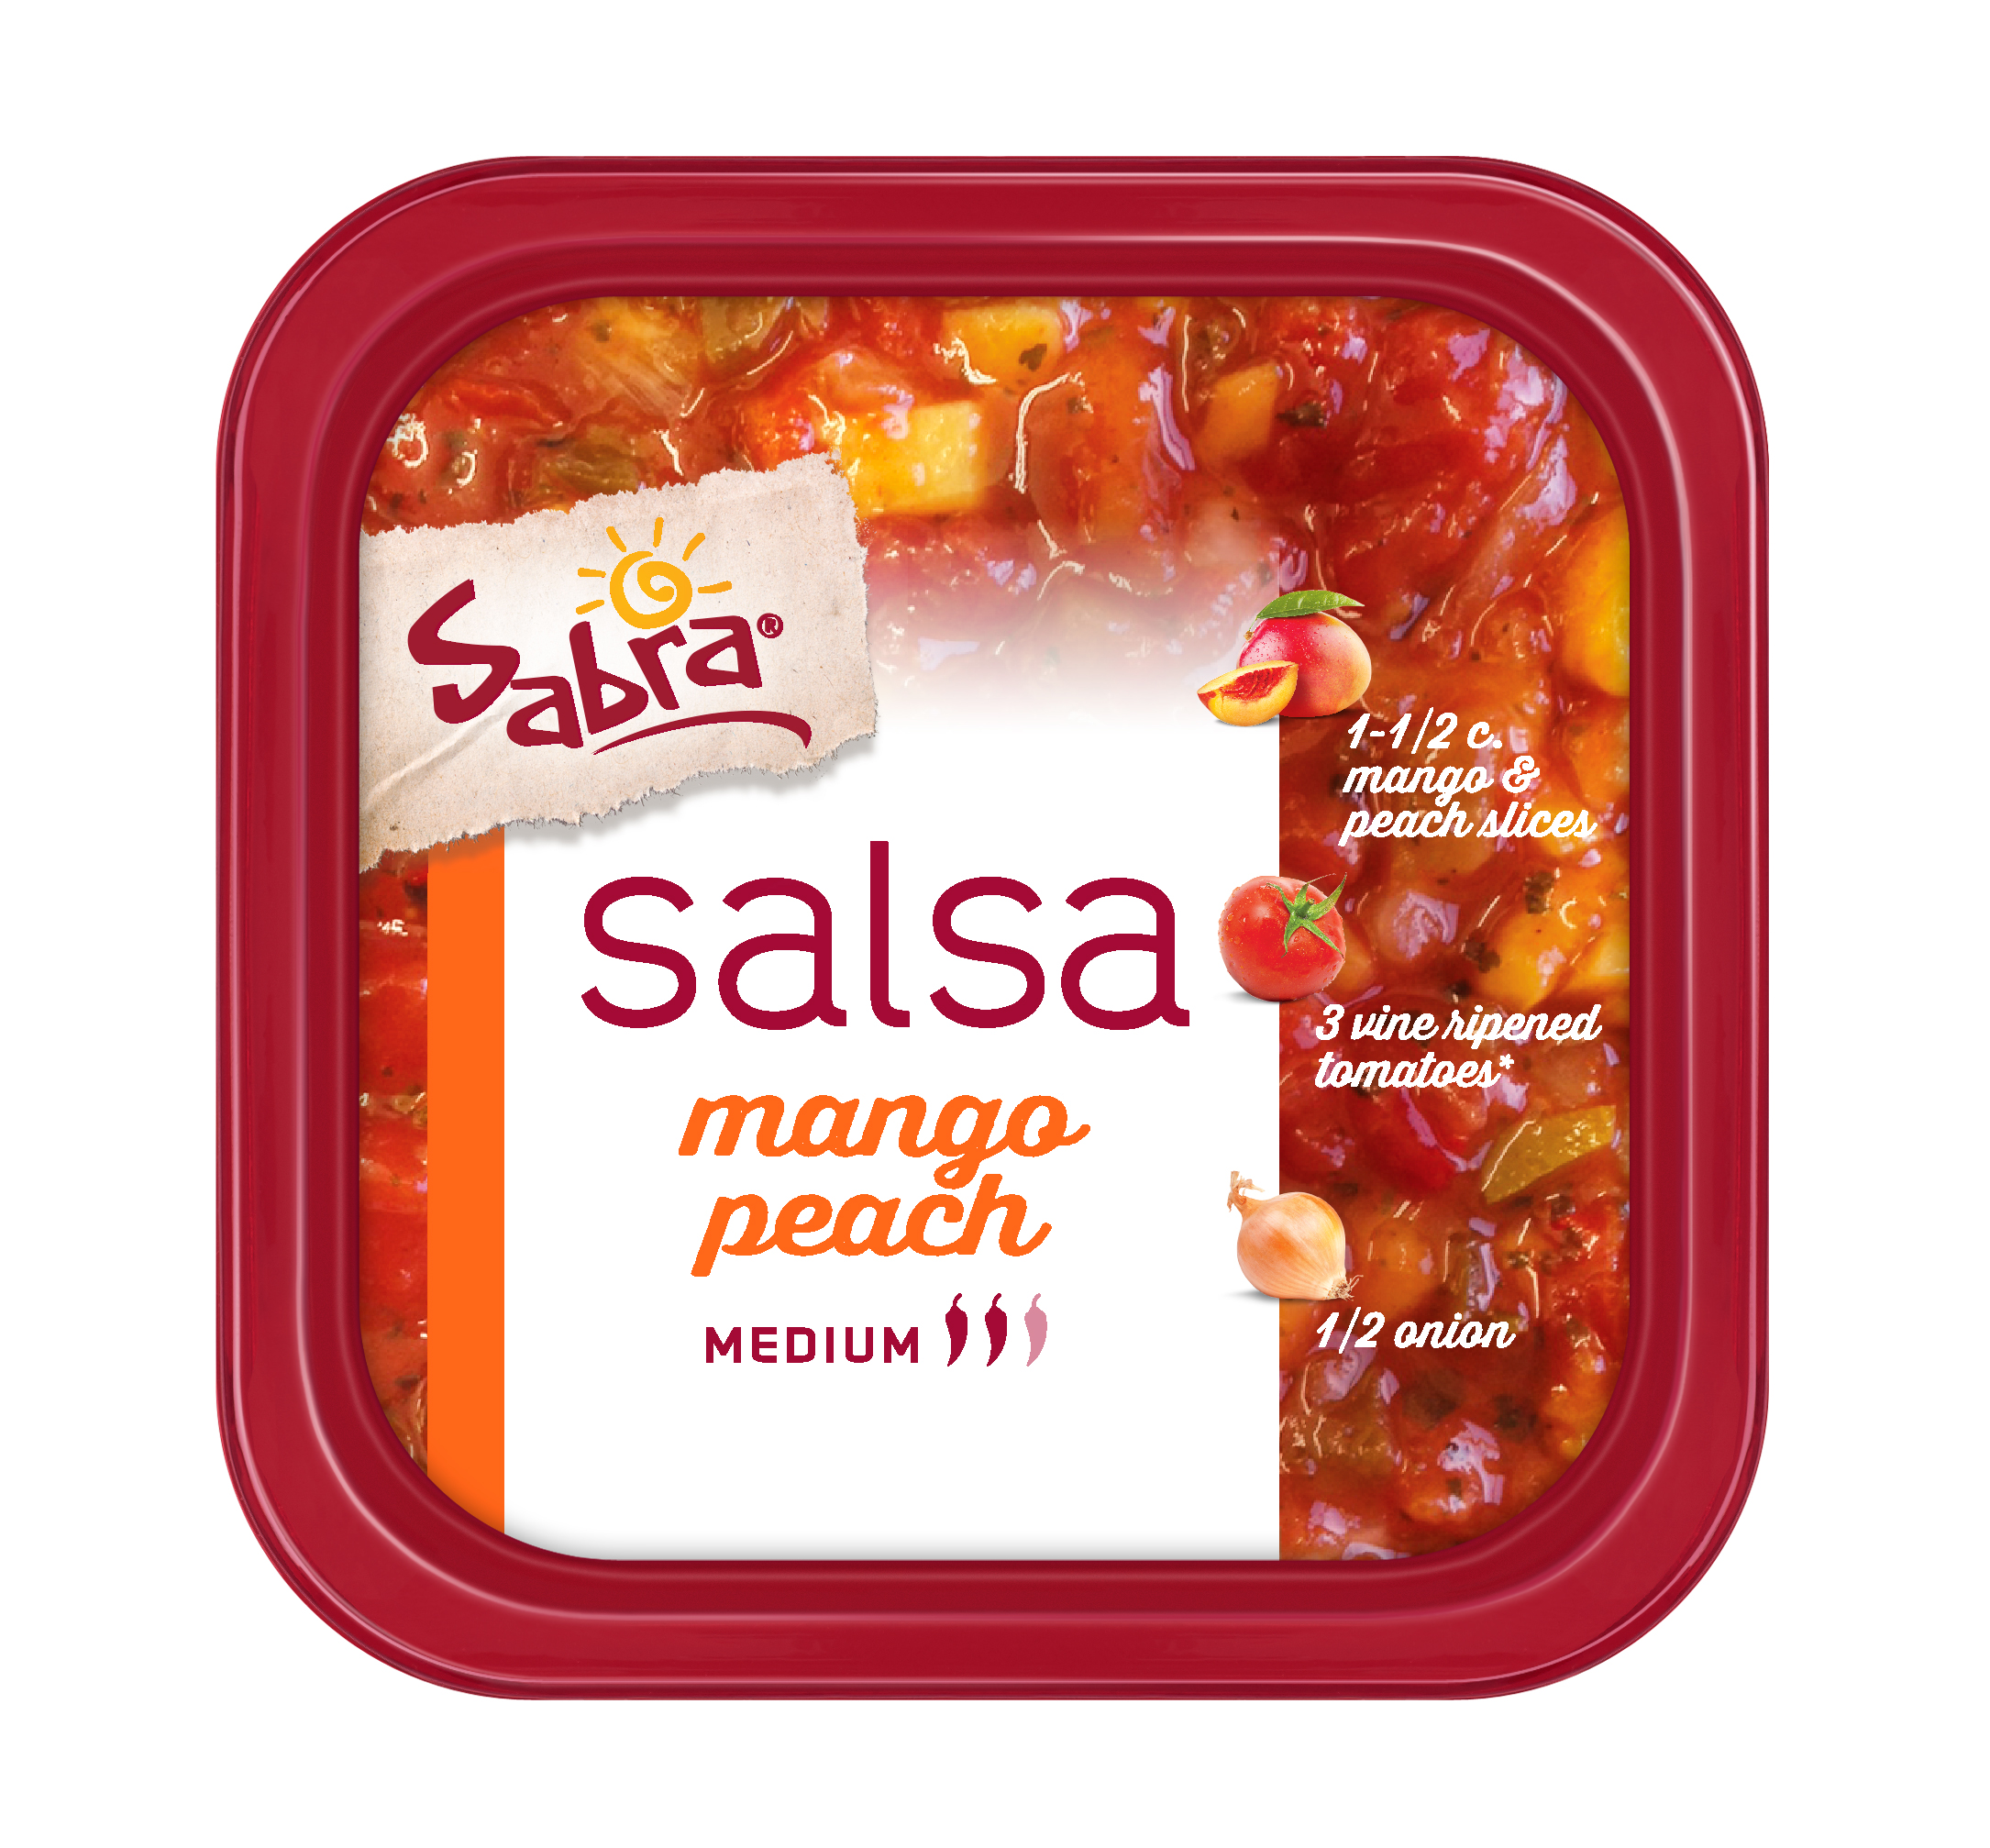 Sabra Mango Peach Salsa